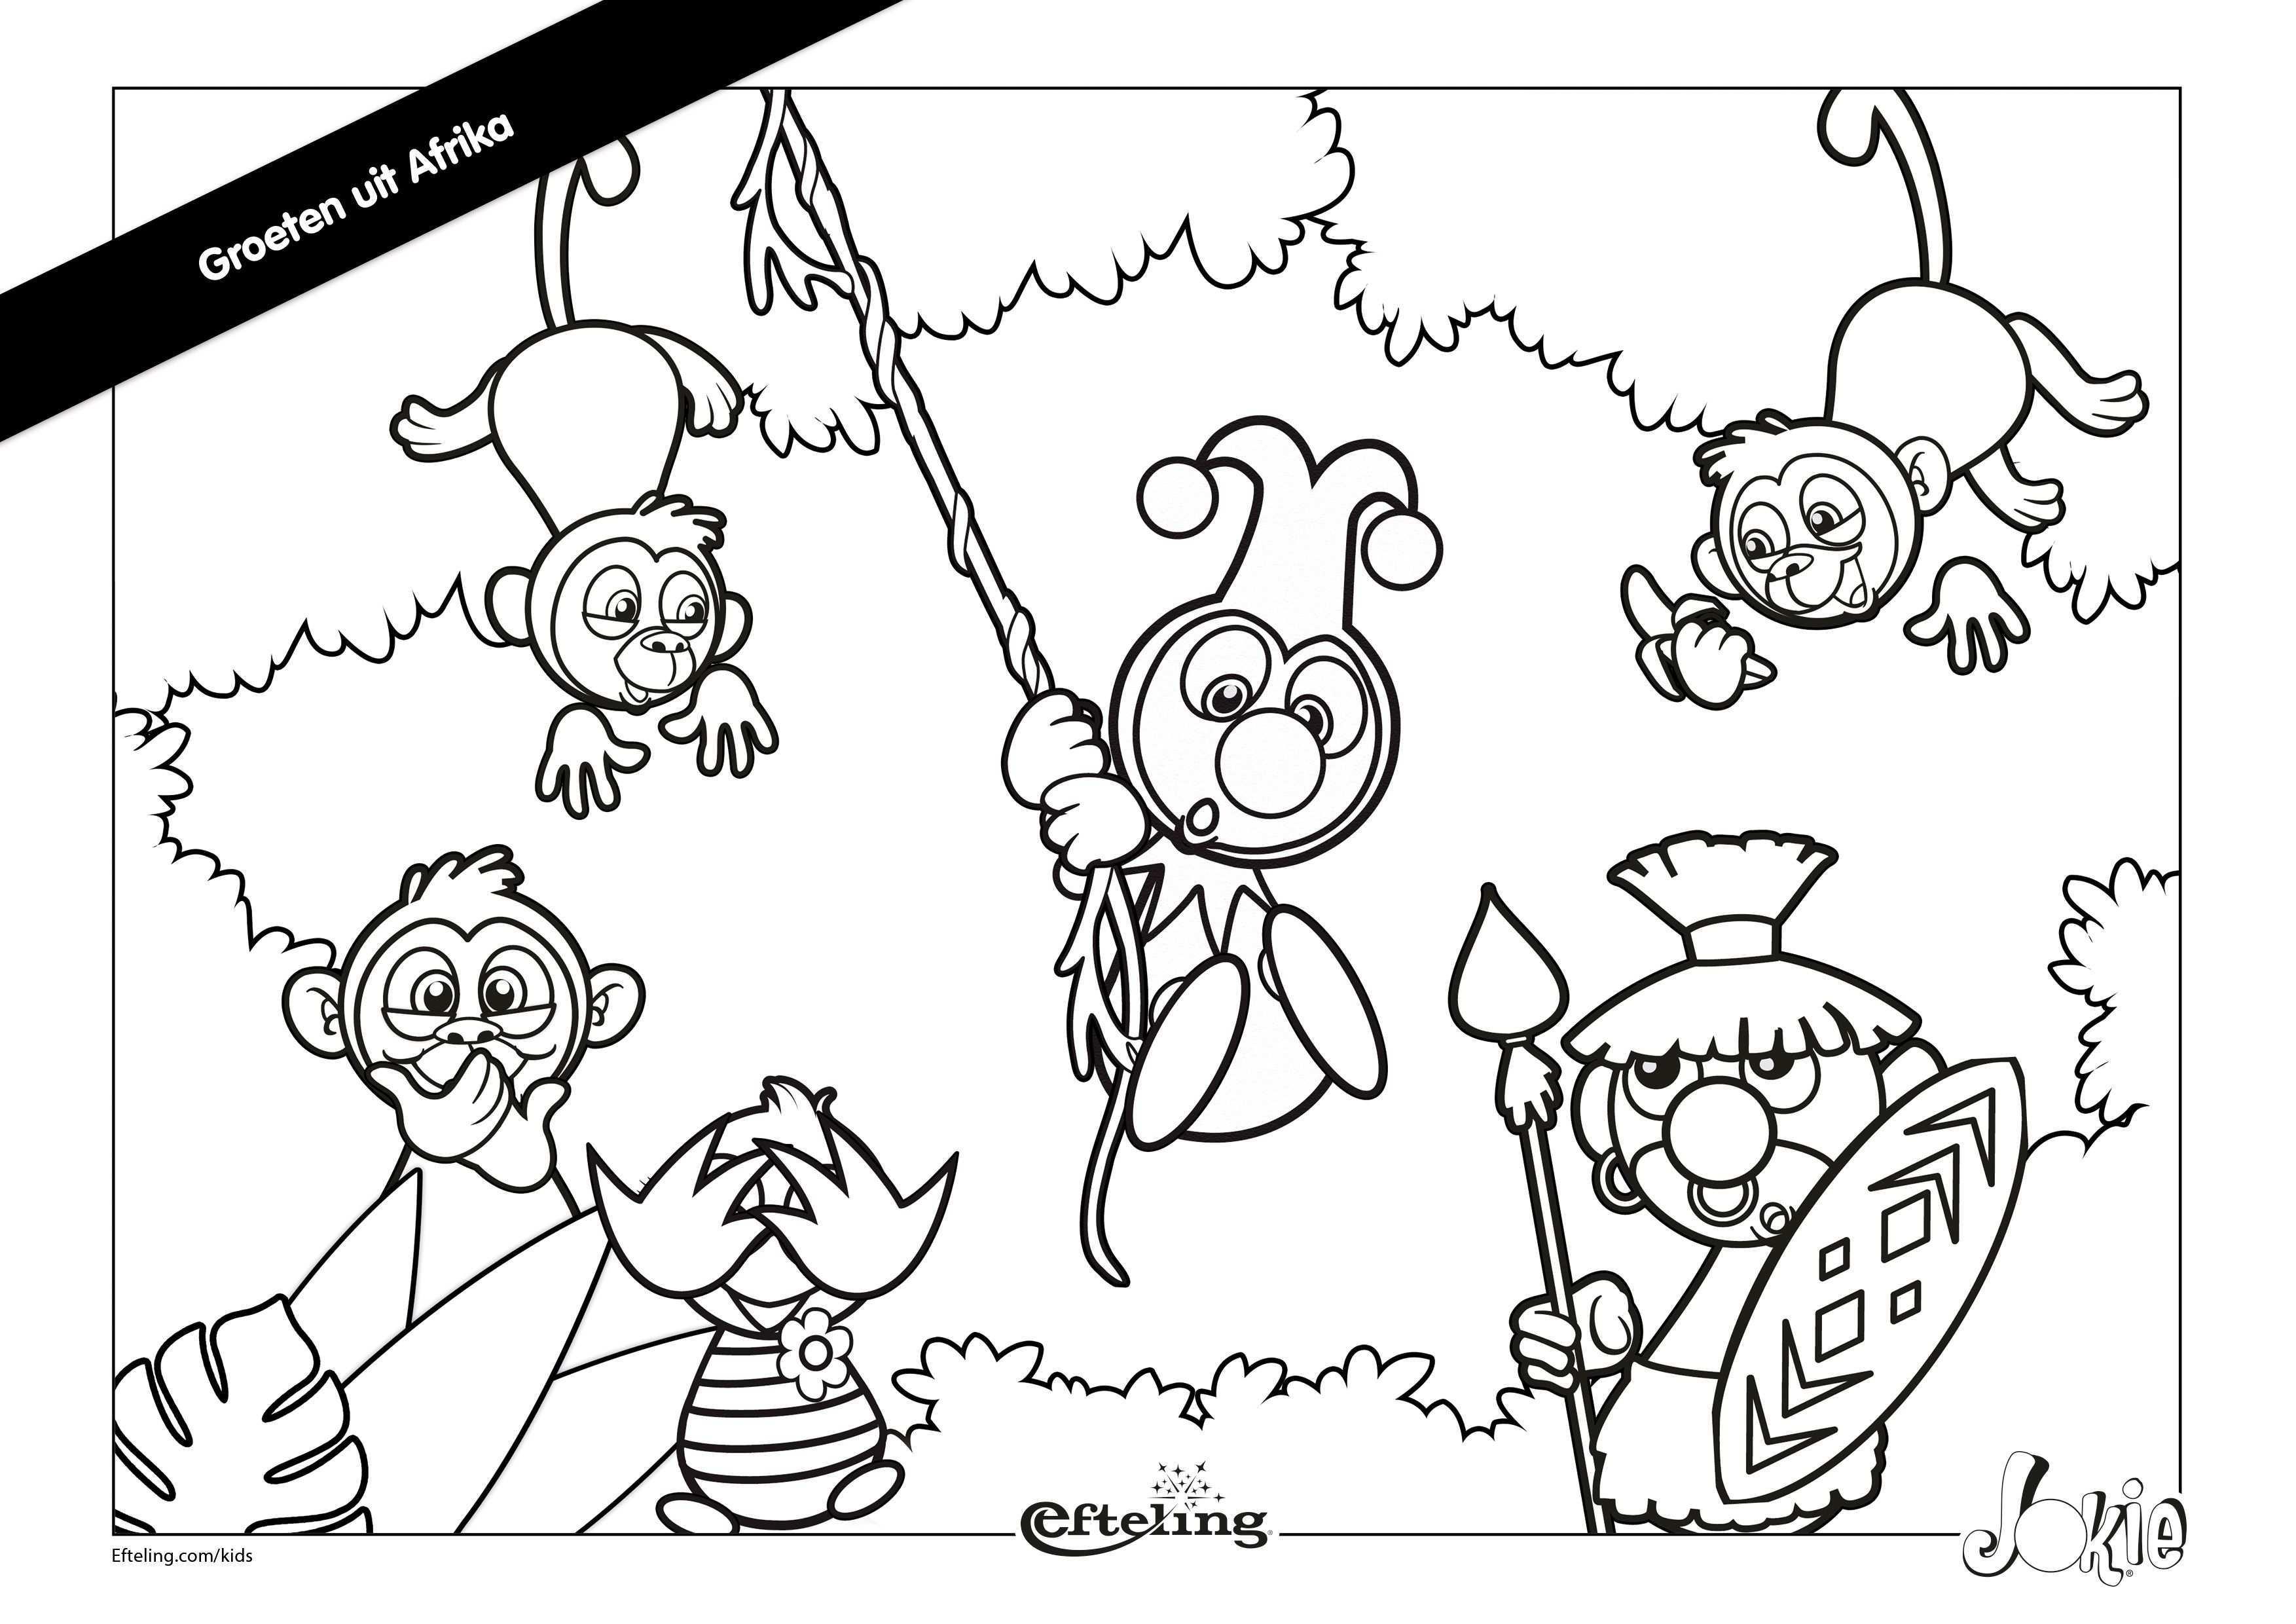 Efteling Kleurplaat Jokie In Afrika Kleurplaten Kinderkleurplaten Kleurplaten Voor Kinderen